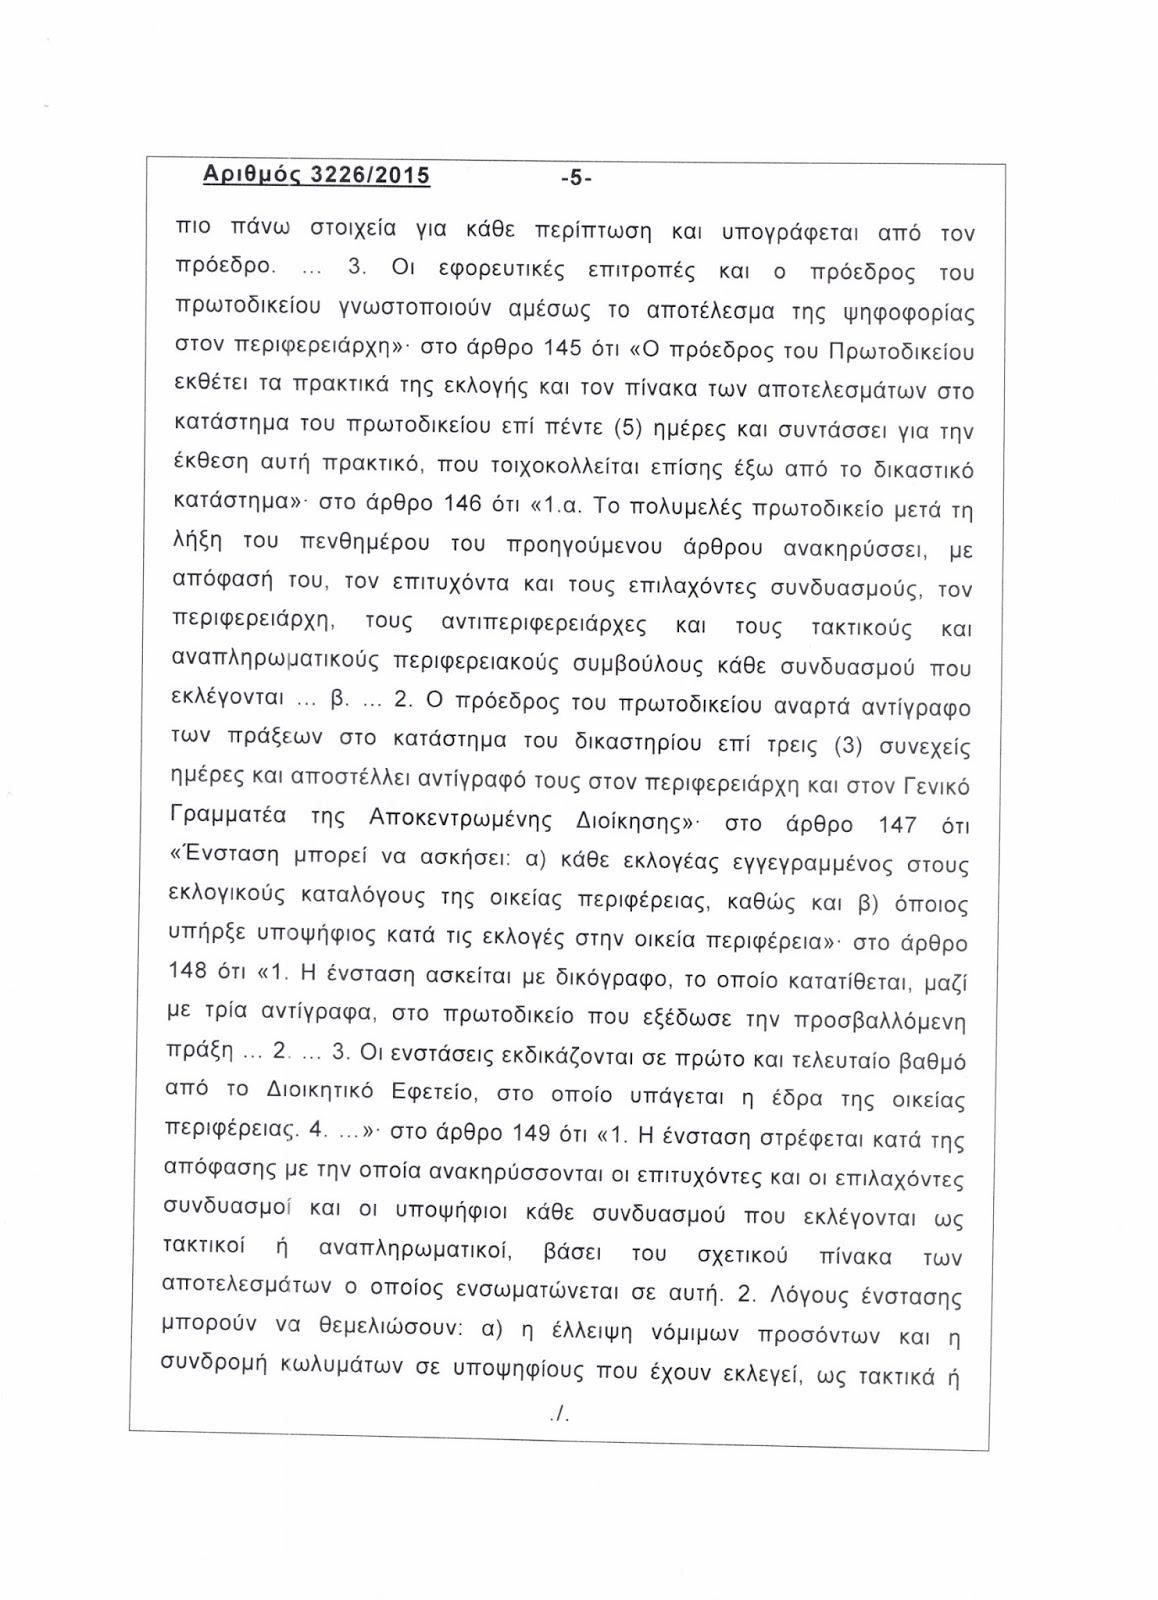 Ὁλόκληρη ἡ ἀπόφασις τοῦ ΣτΕ γιὰ τὸν Γιαννακόπουλο5